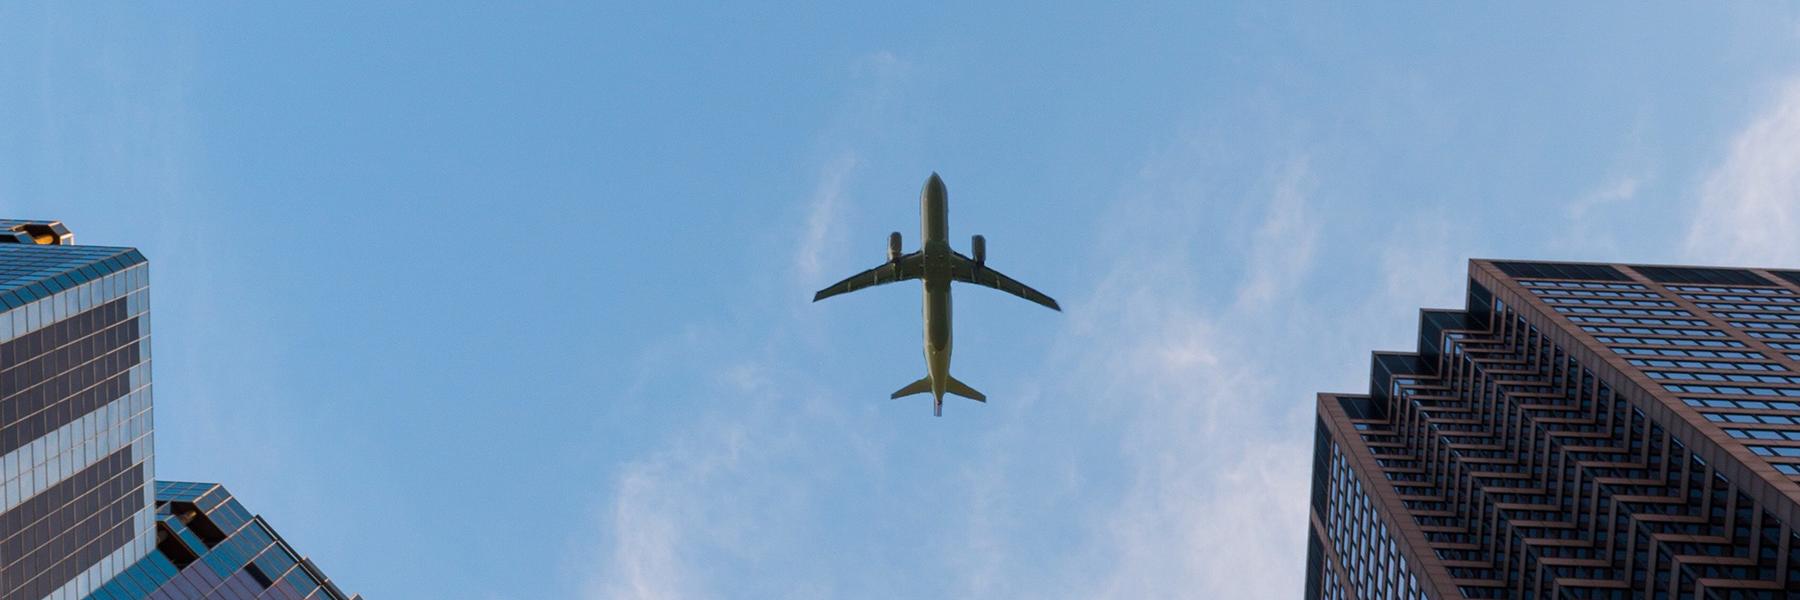 vliegtuigmaatschappij